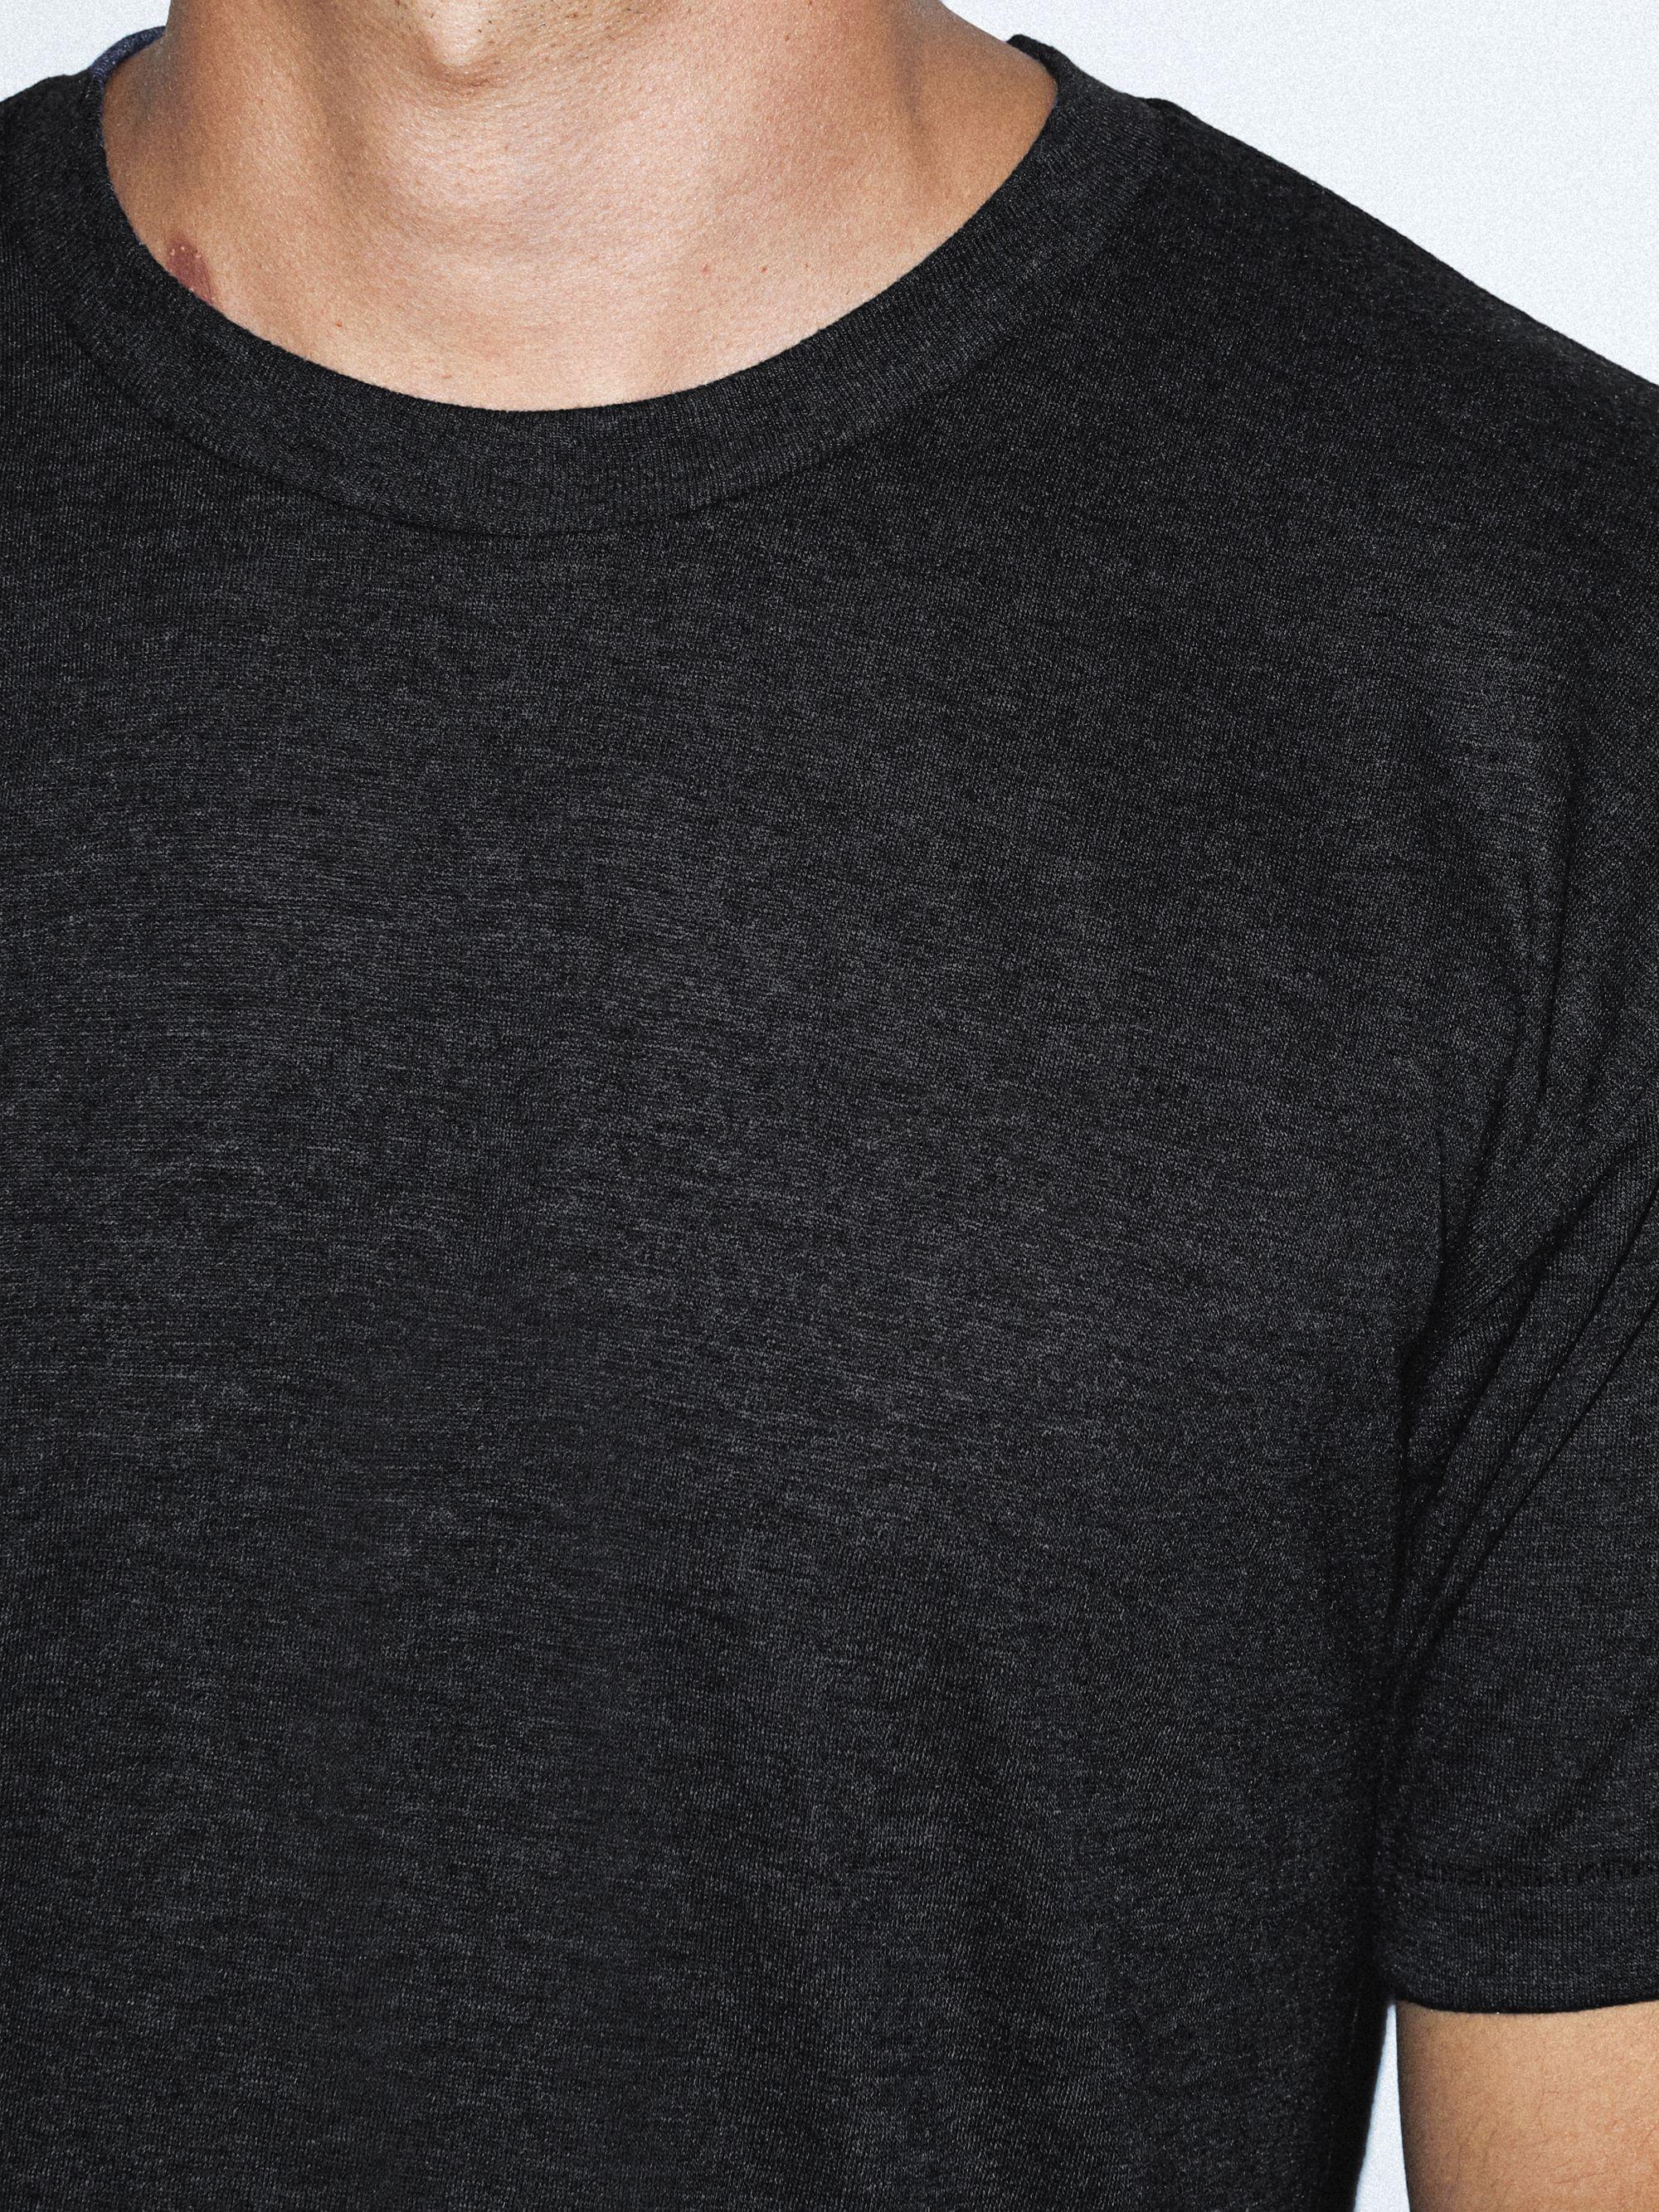 d1679c1c3 Tri-Blend Crewneck Track T-Shirt | American Apparel